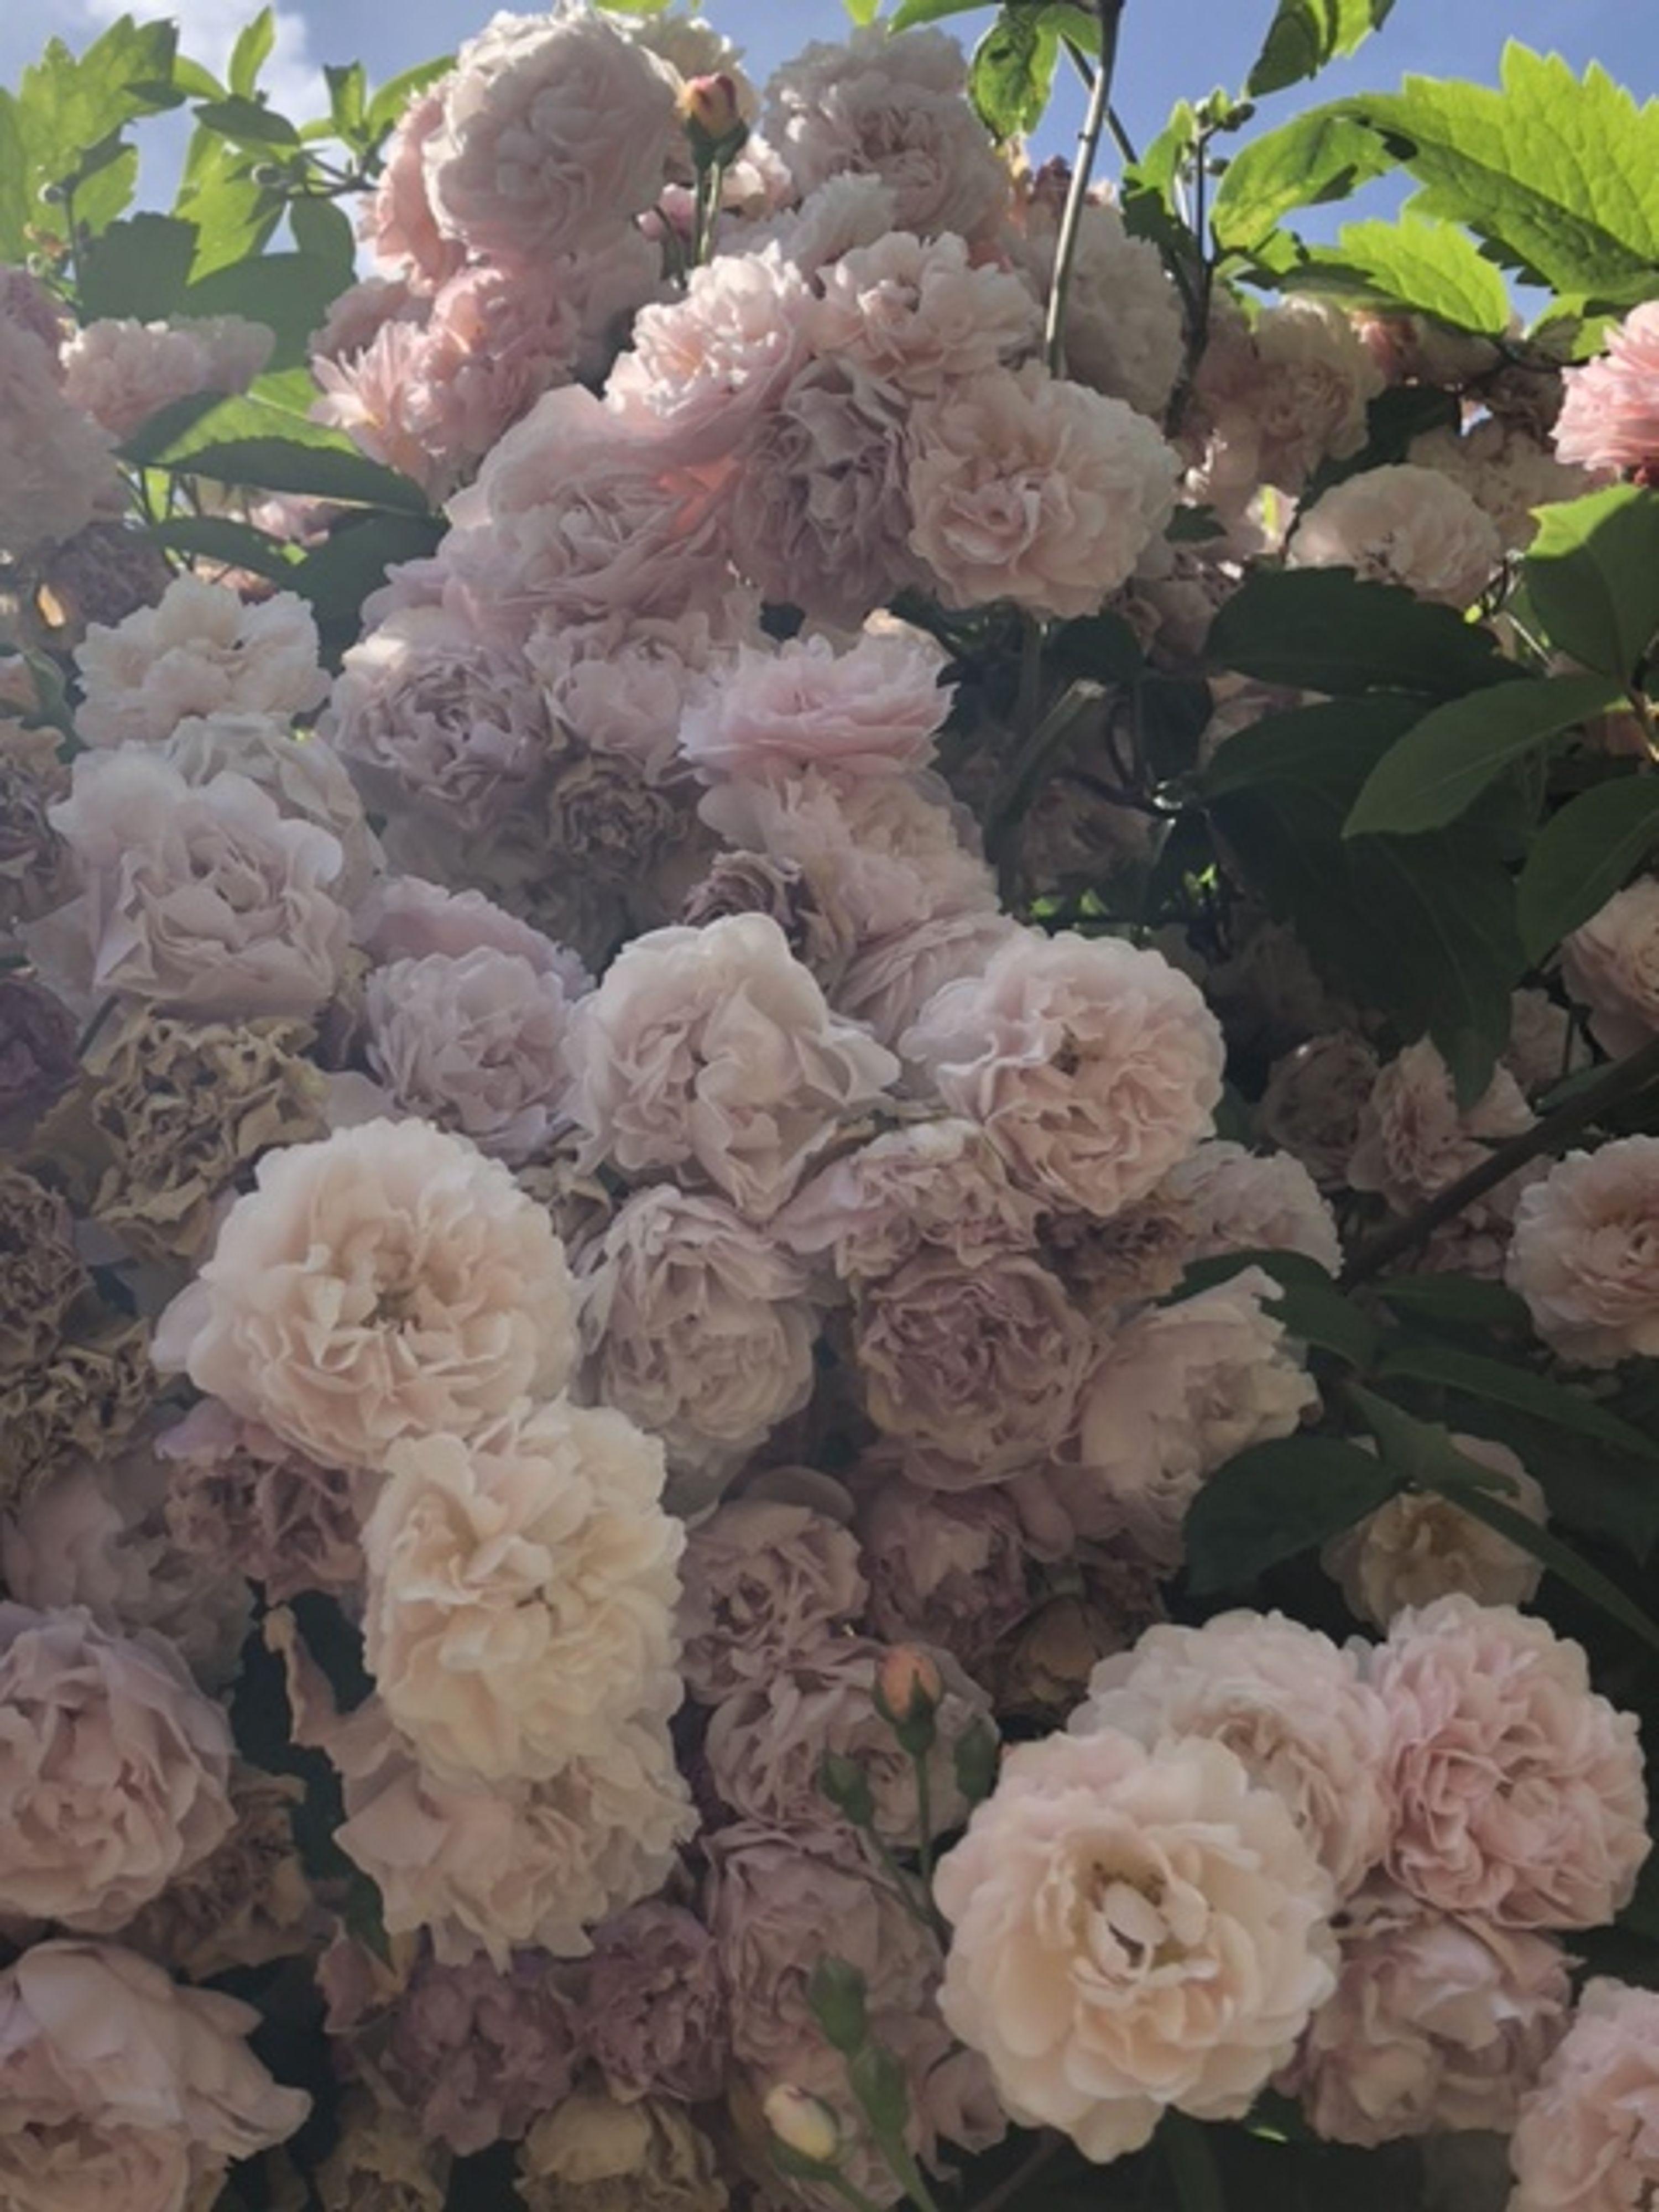 Closeup of pink peonies